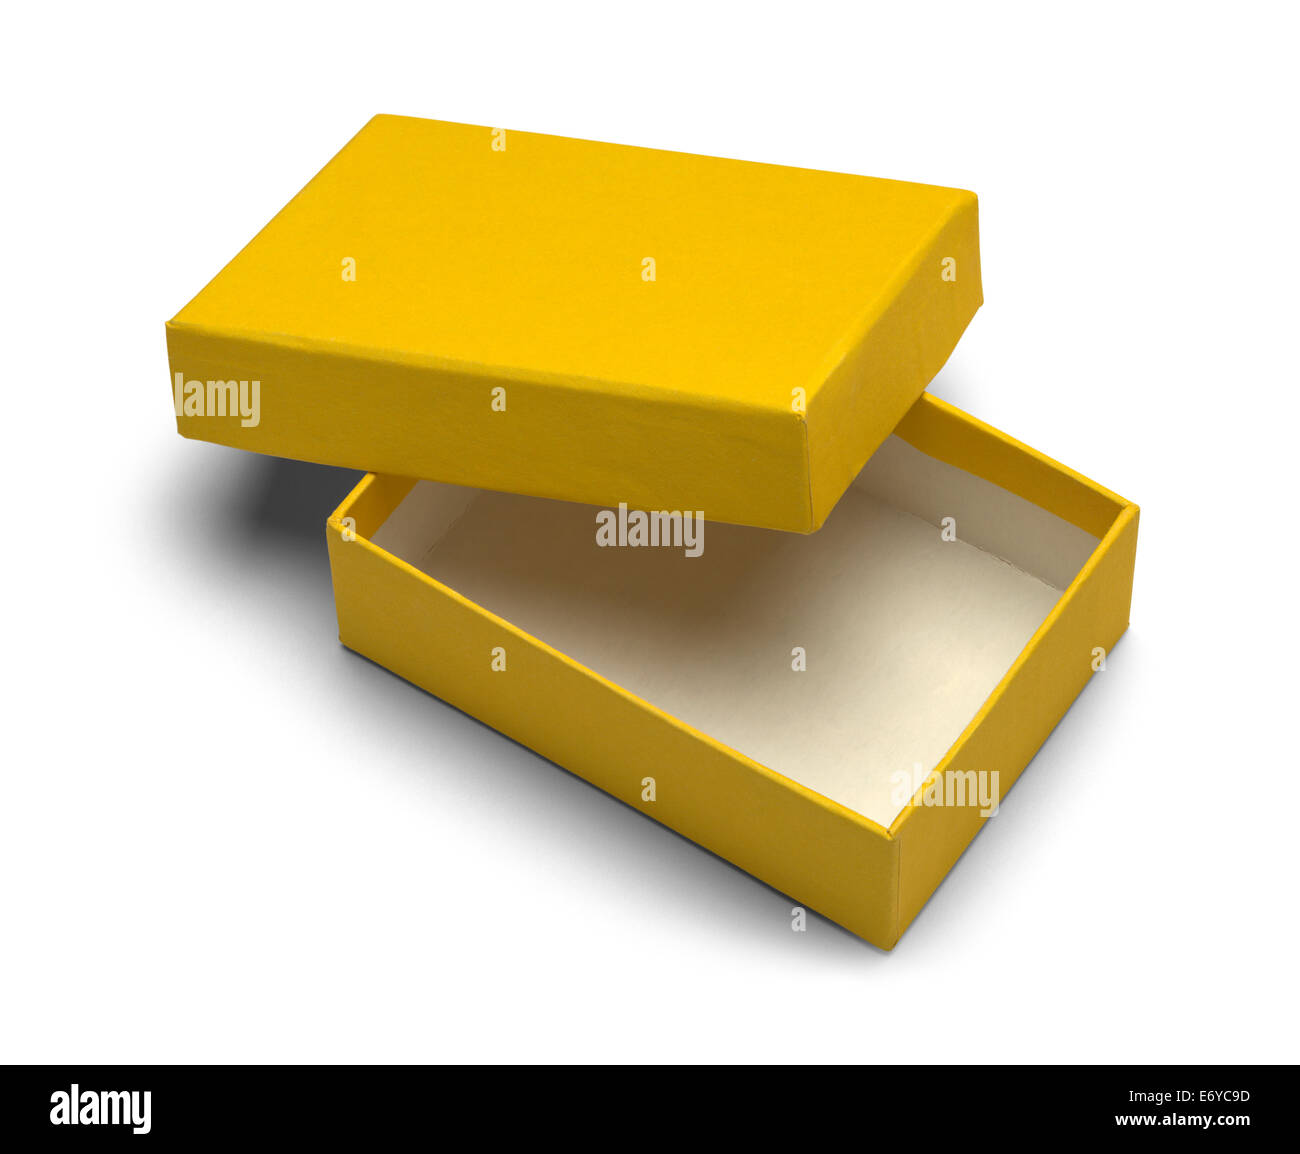 Ouvrez la boîte de bijoux jaune isolé sur fond blanc. Photo Stock